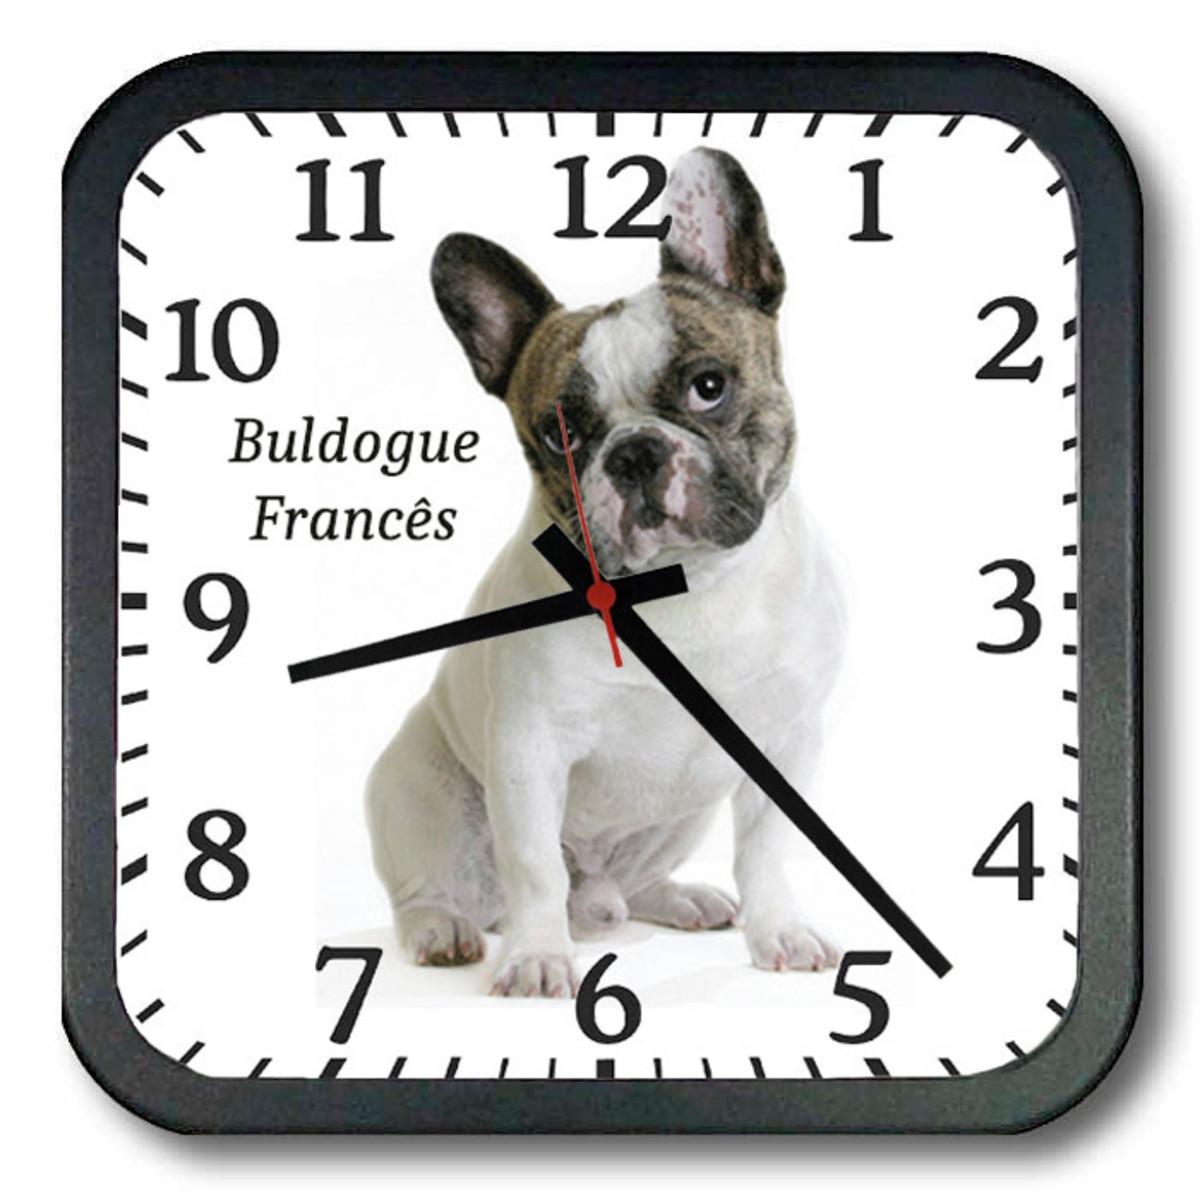 05771ac7bcb Relógio de Parede Búldogue Francês 1 no Elo7